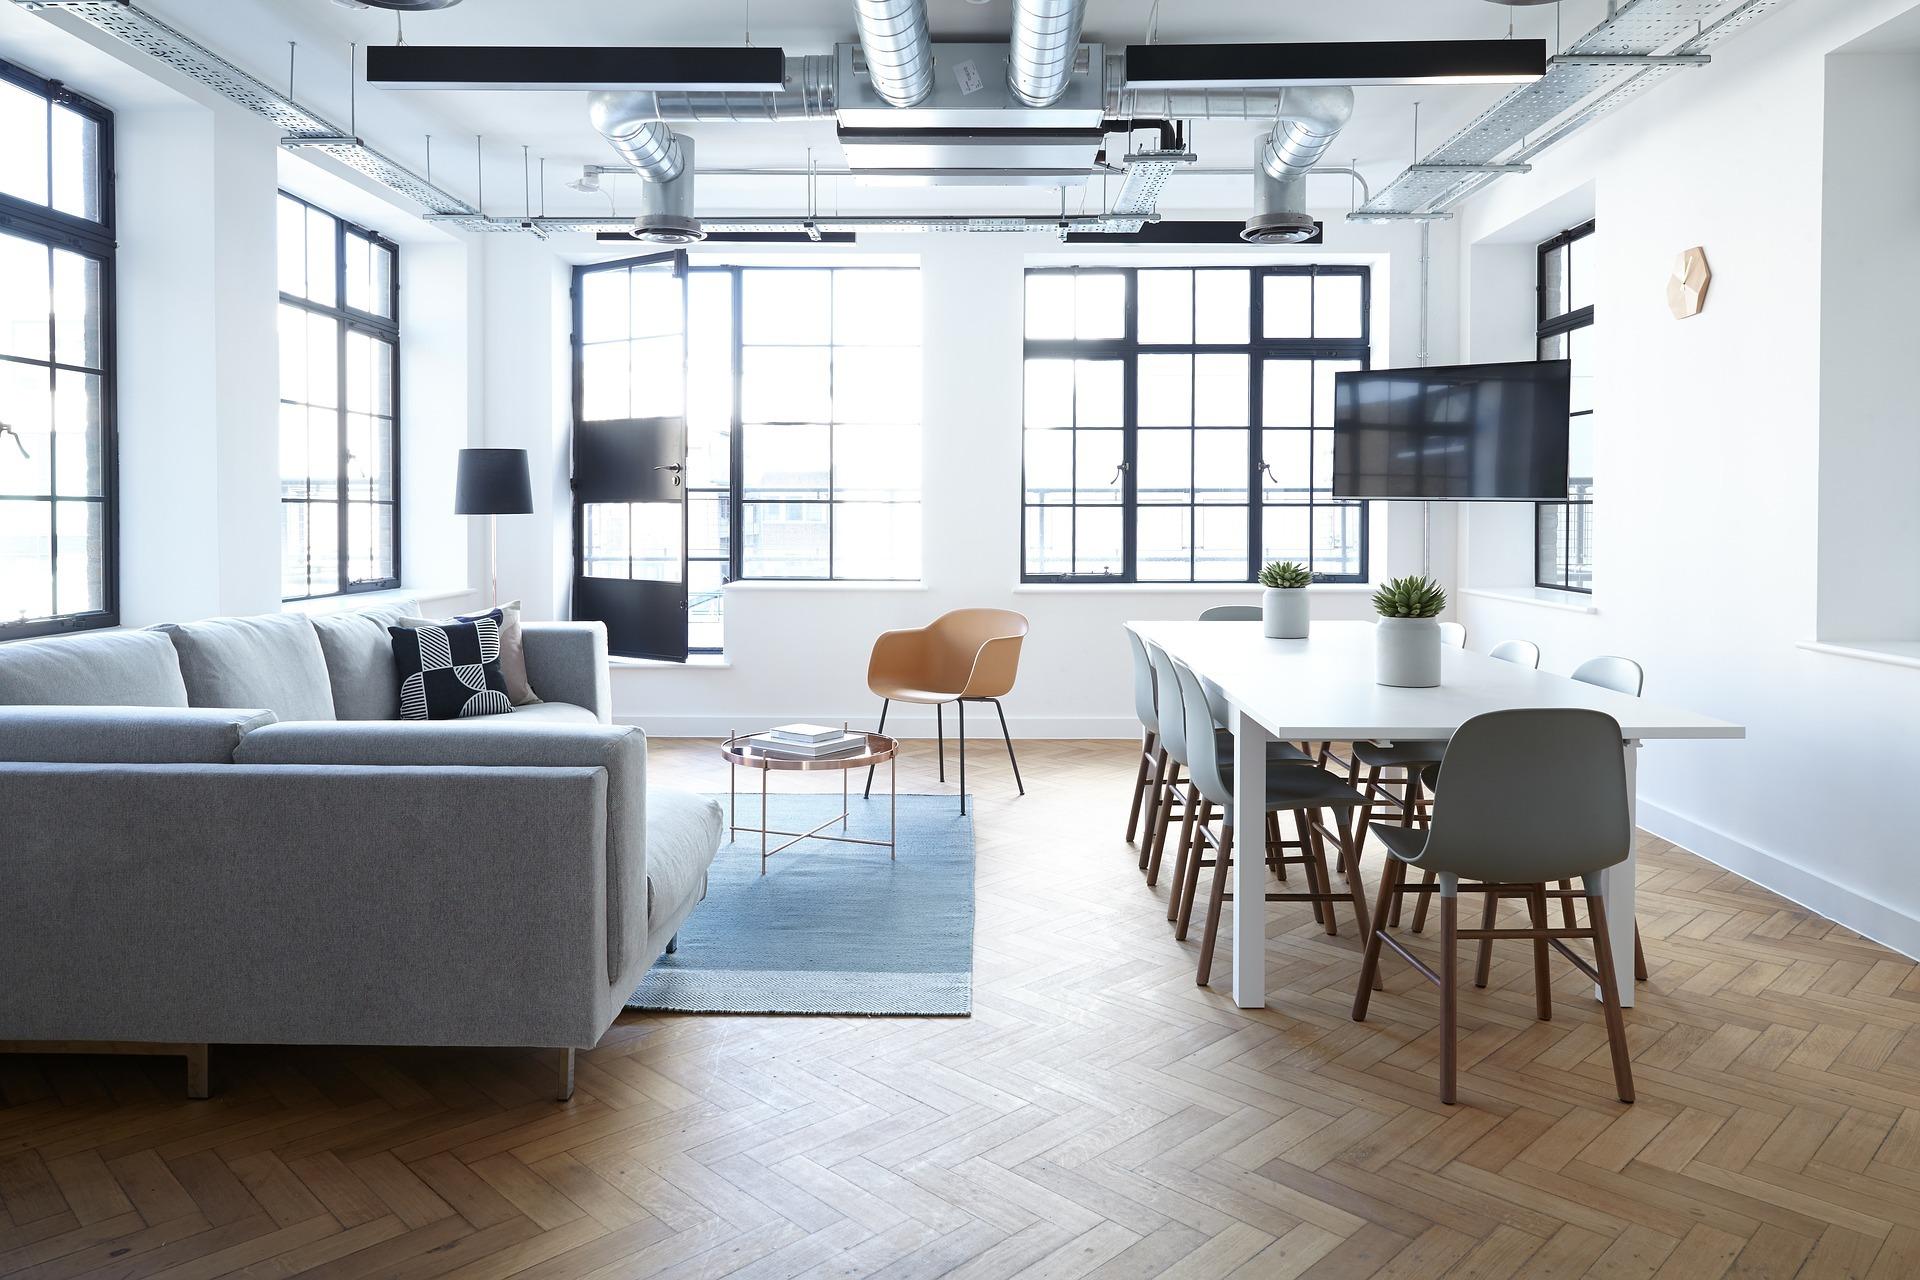 Les espaces de coworking, avantages et inconvénients pour les travailleurs